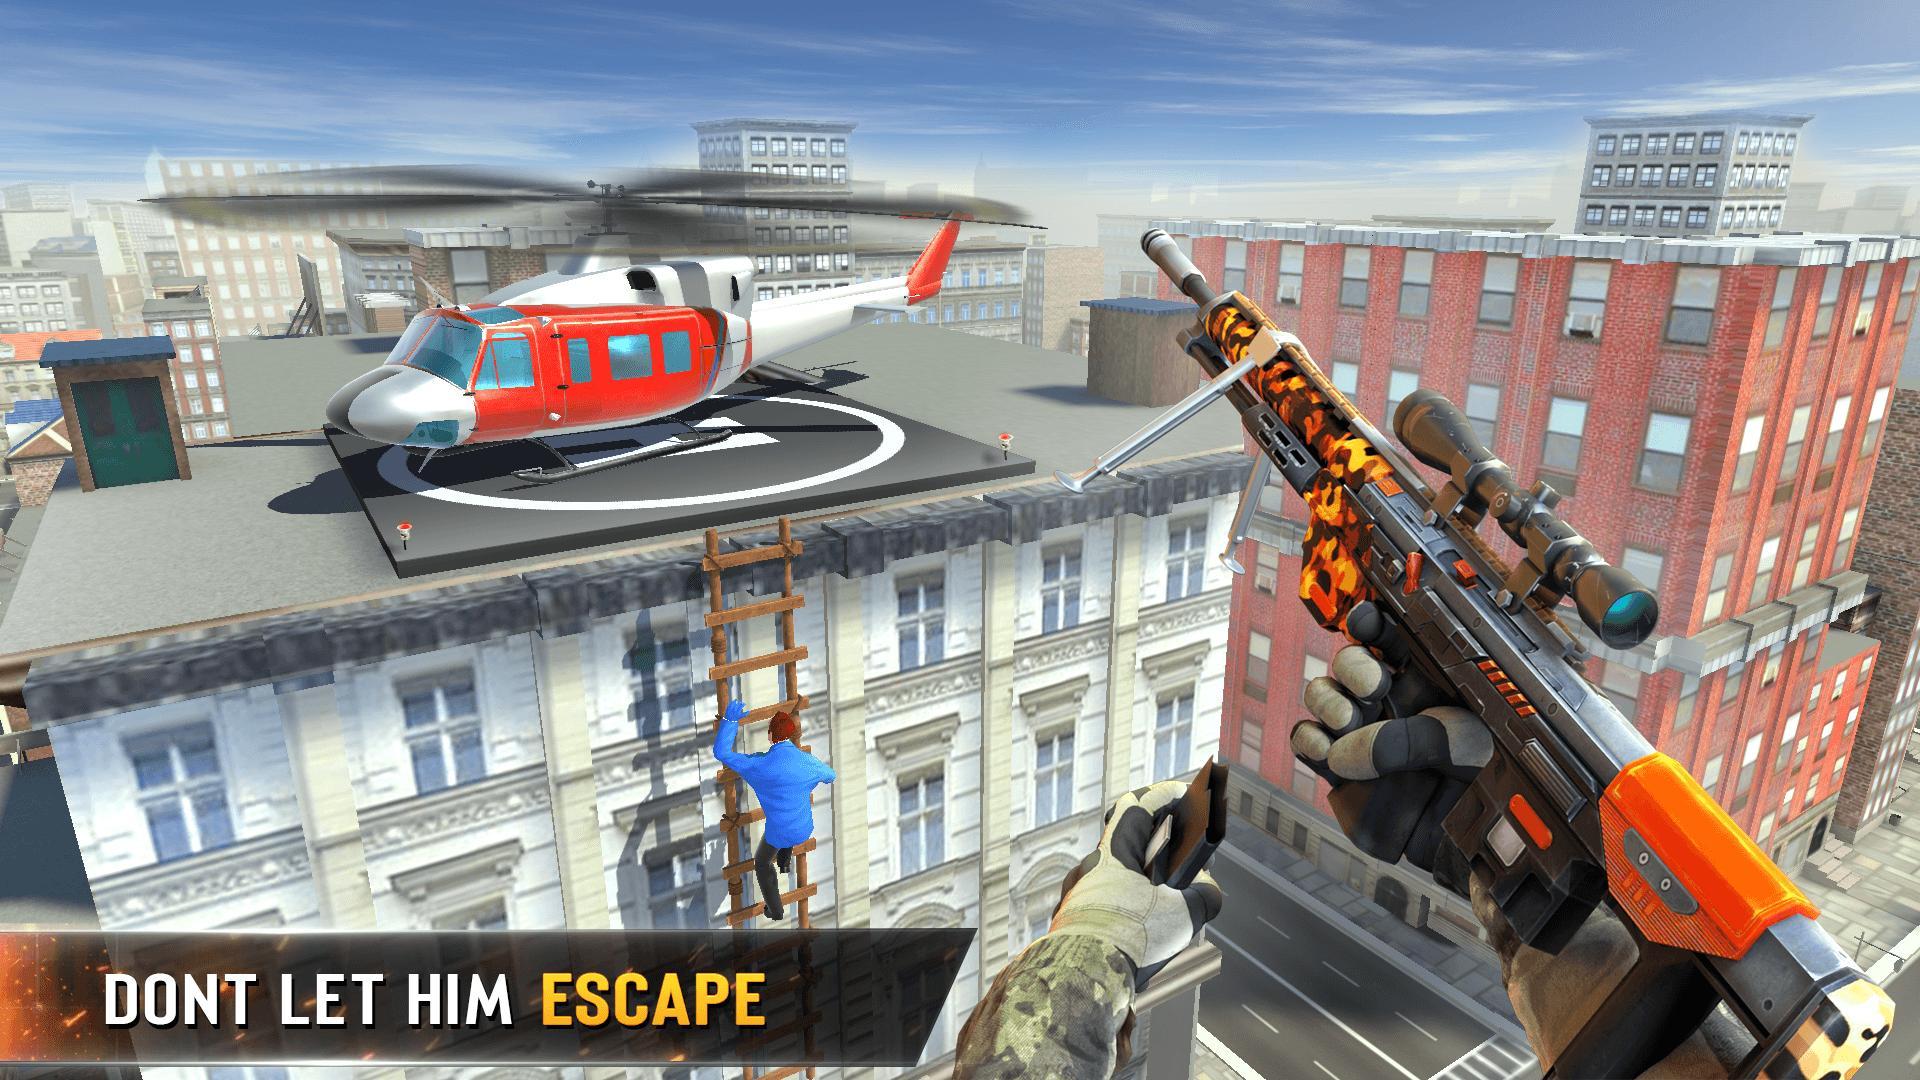 New Sniper Shooter: Free offline 3D shooting games 1.78 Screenshot 3